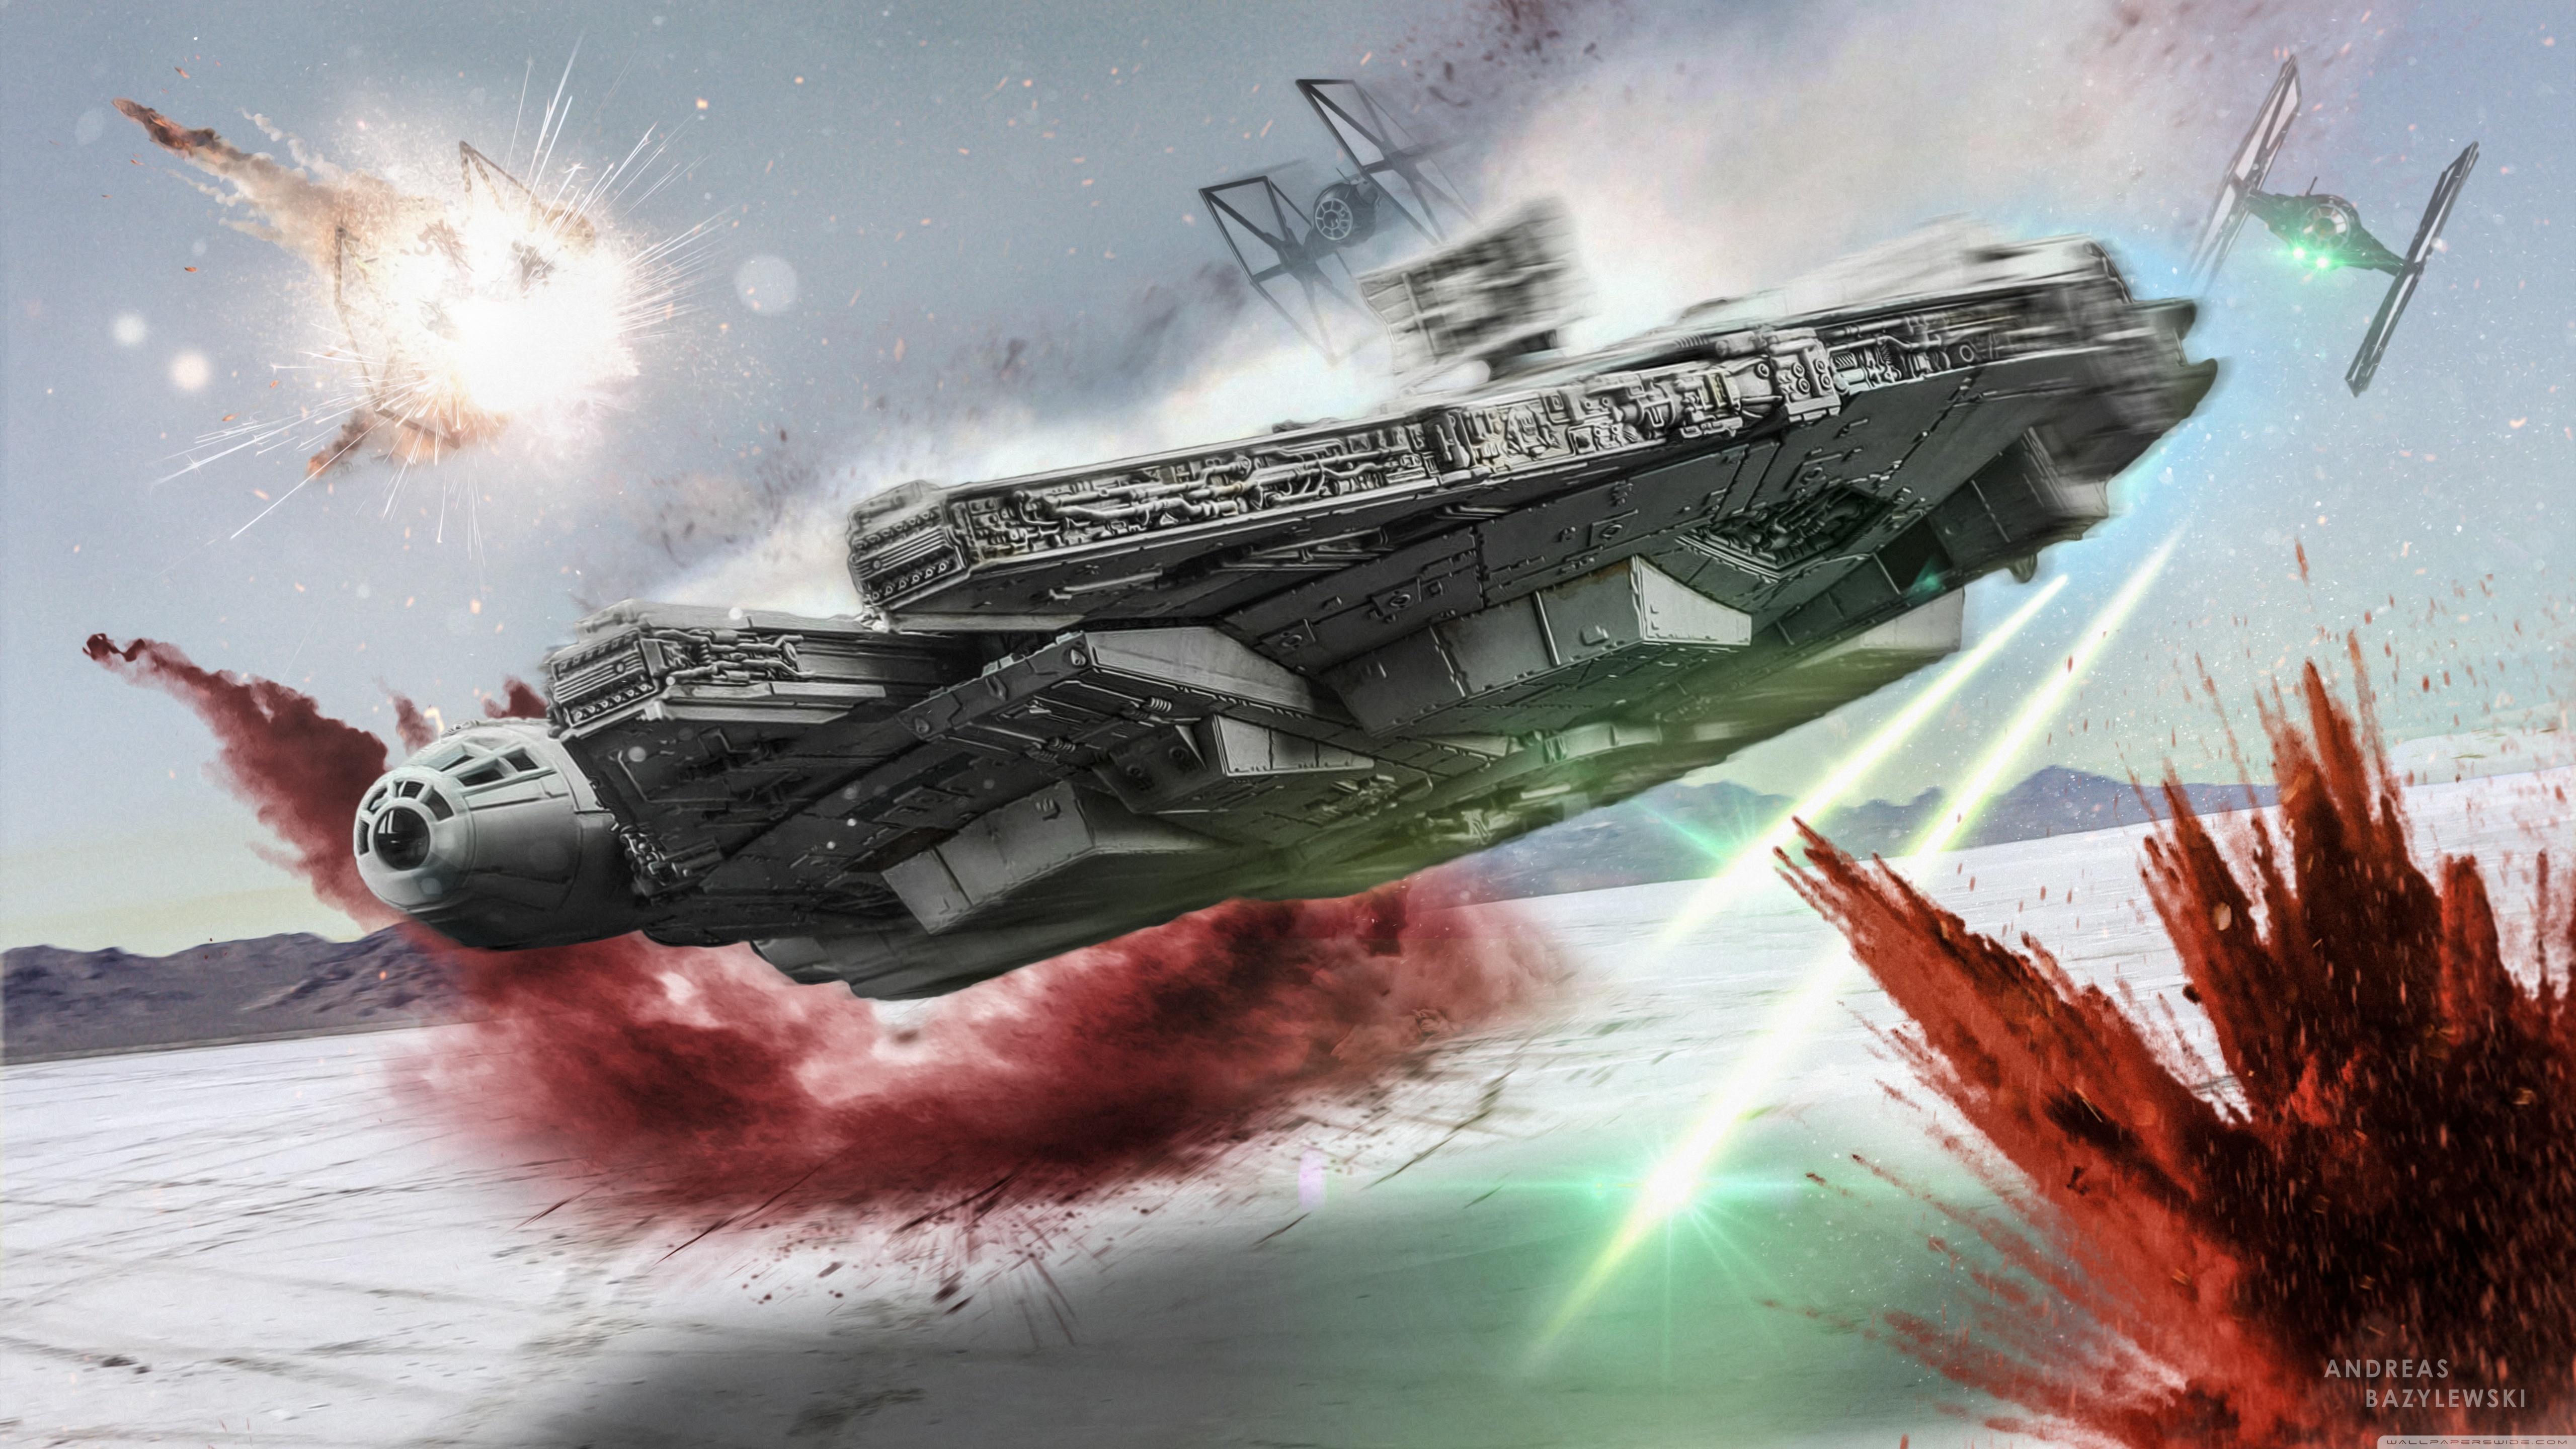 Millennium Falcon Last Jedi 5120x2880 Wallpaper Teahub Io